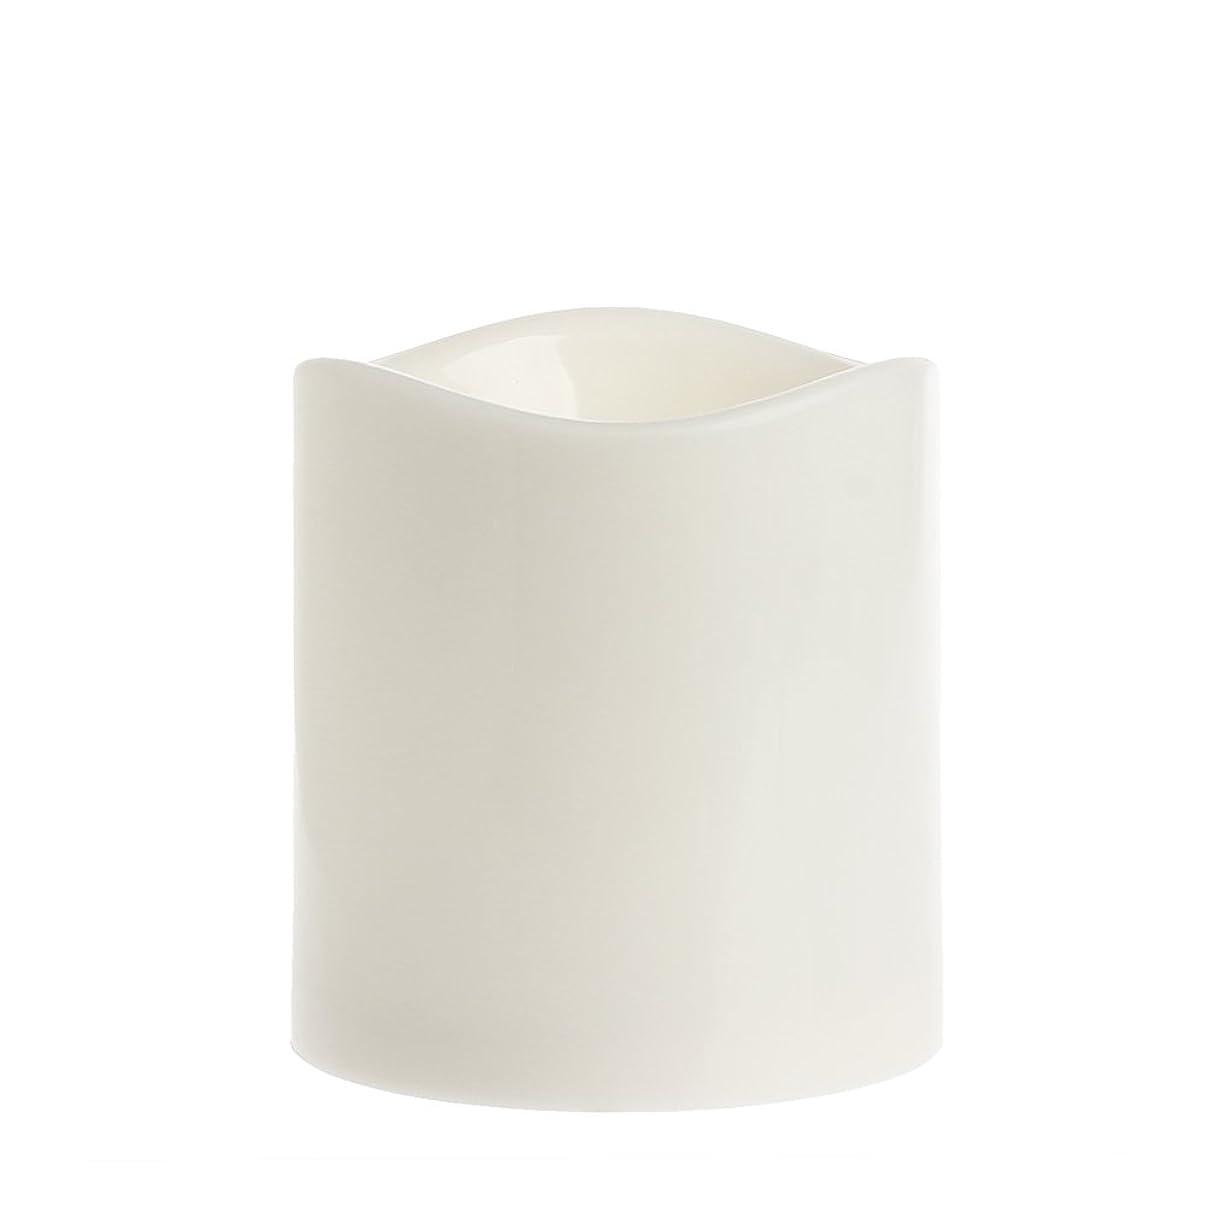 目指すリル泥棒SimpleLifeロマンチックFlameless LED電子キャンドルライトウェディング香りワックスホームインテリア